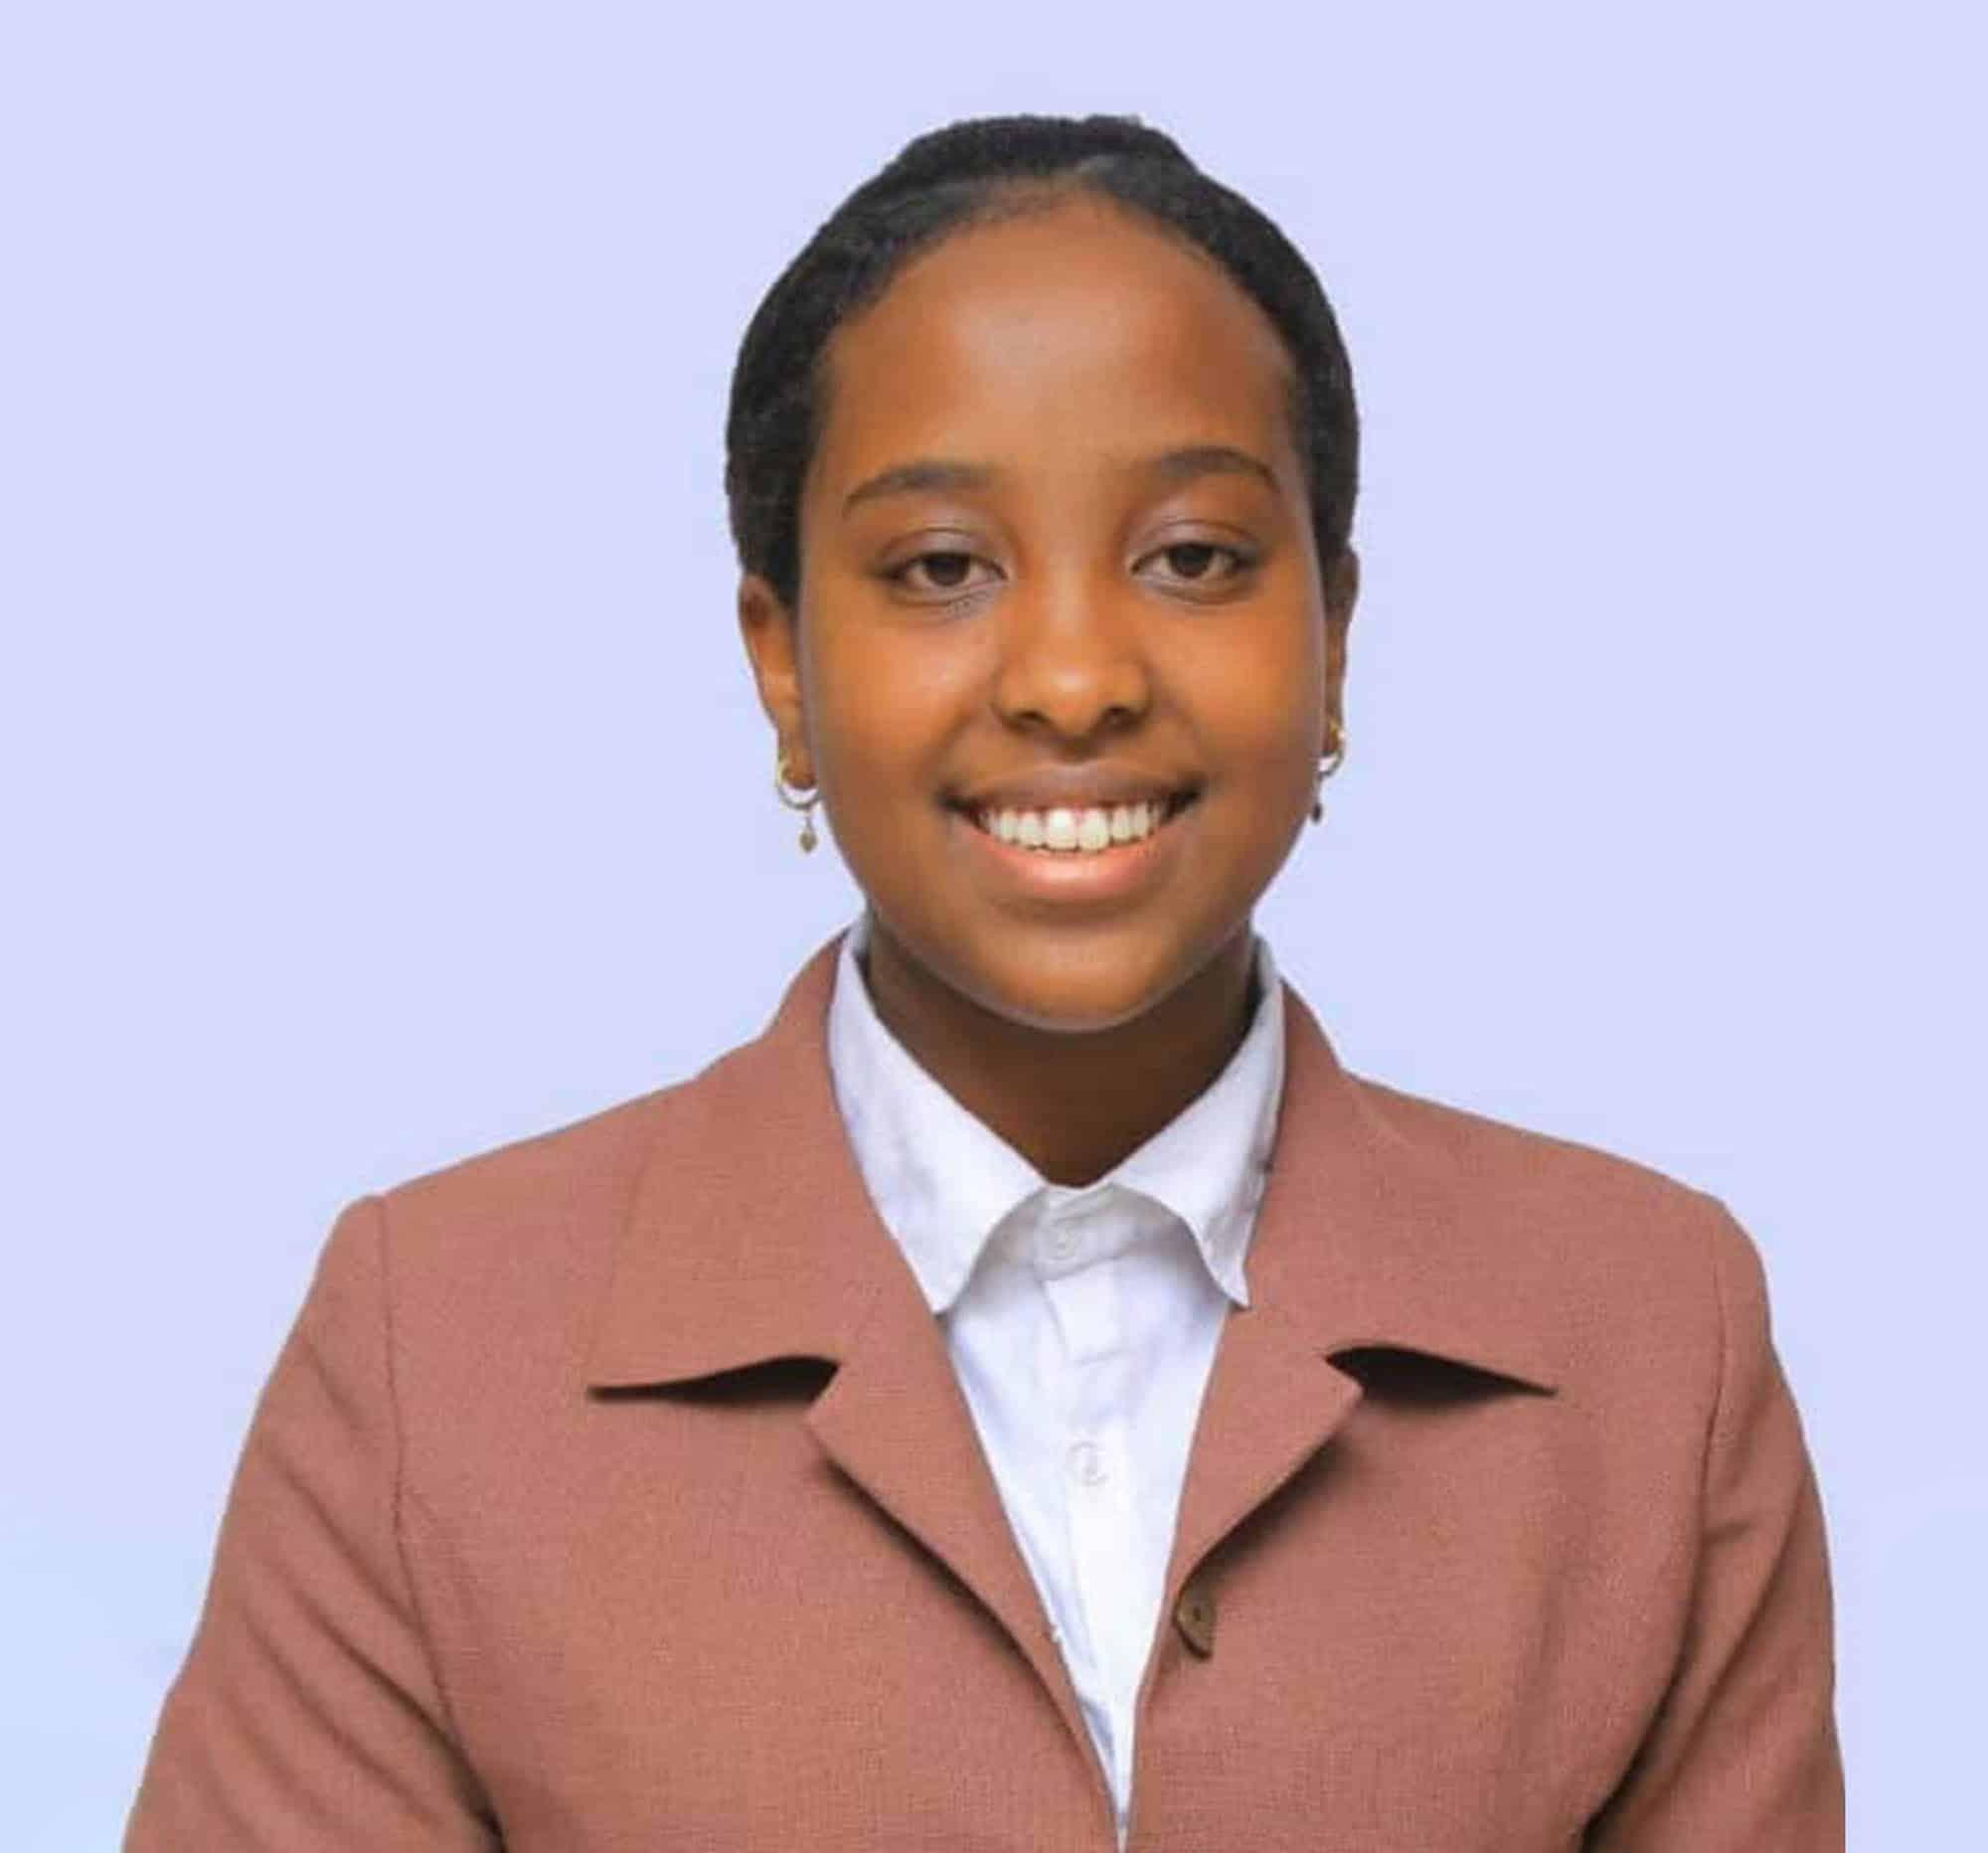 Mahlet Tessema